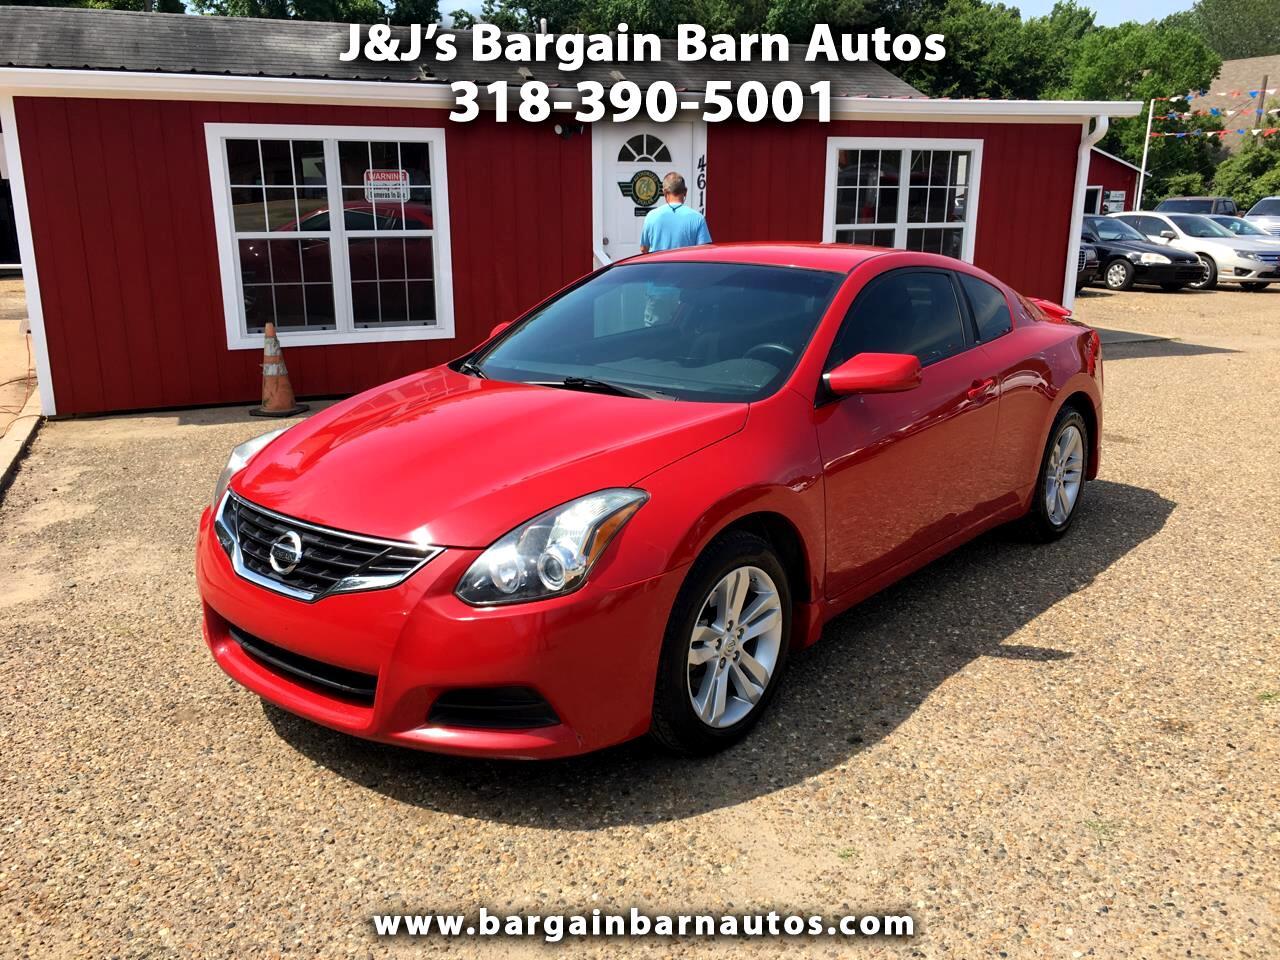 Used 2012 Nissan Altima for Sale in Haughton LA 71037 J&J ...